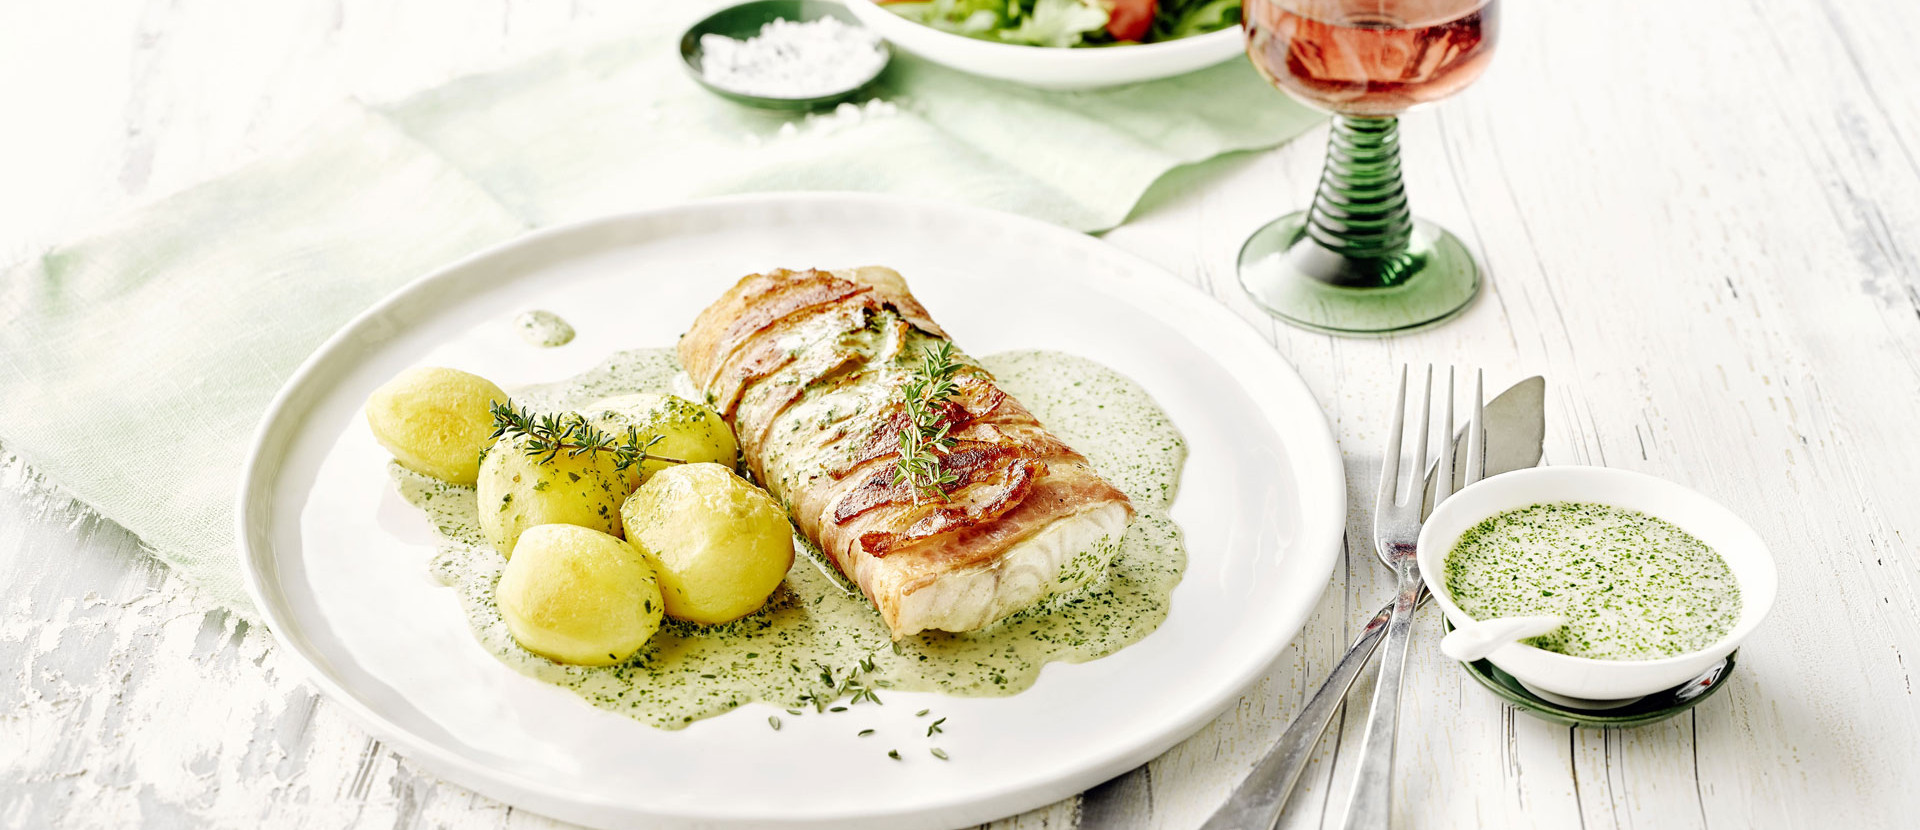 Zanderfilet Speck Kraeutersauce Kartoffel Fisch Teller Wein